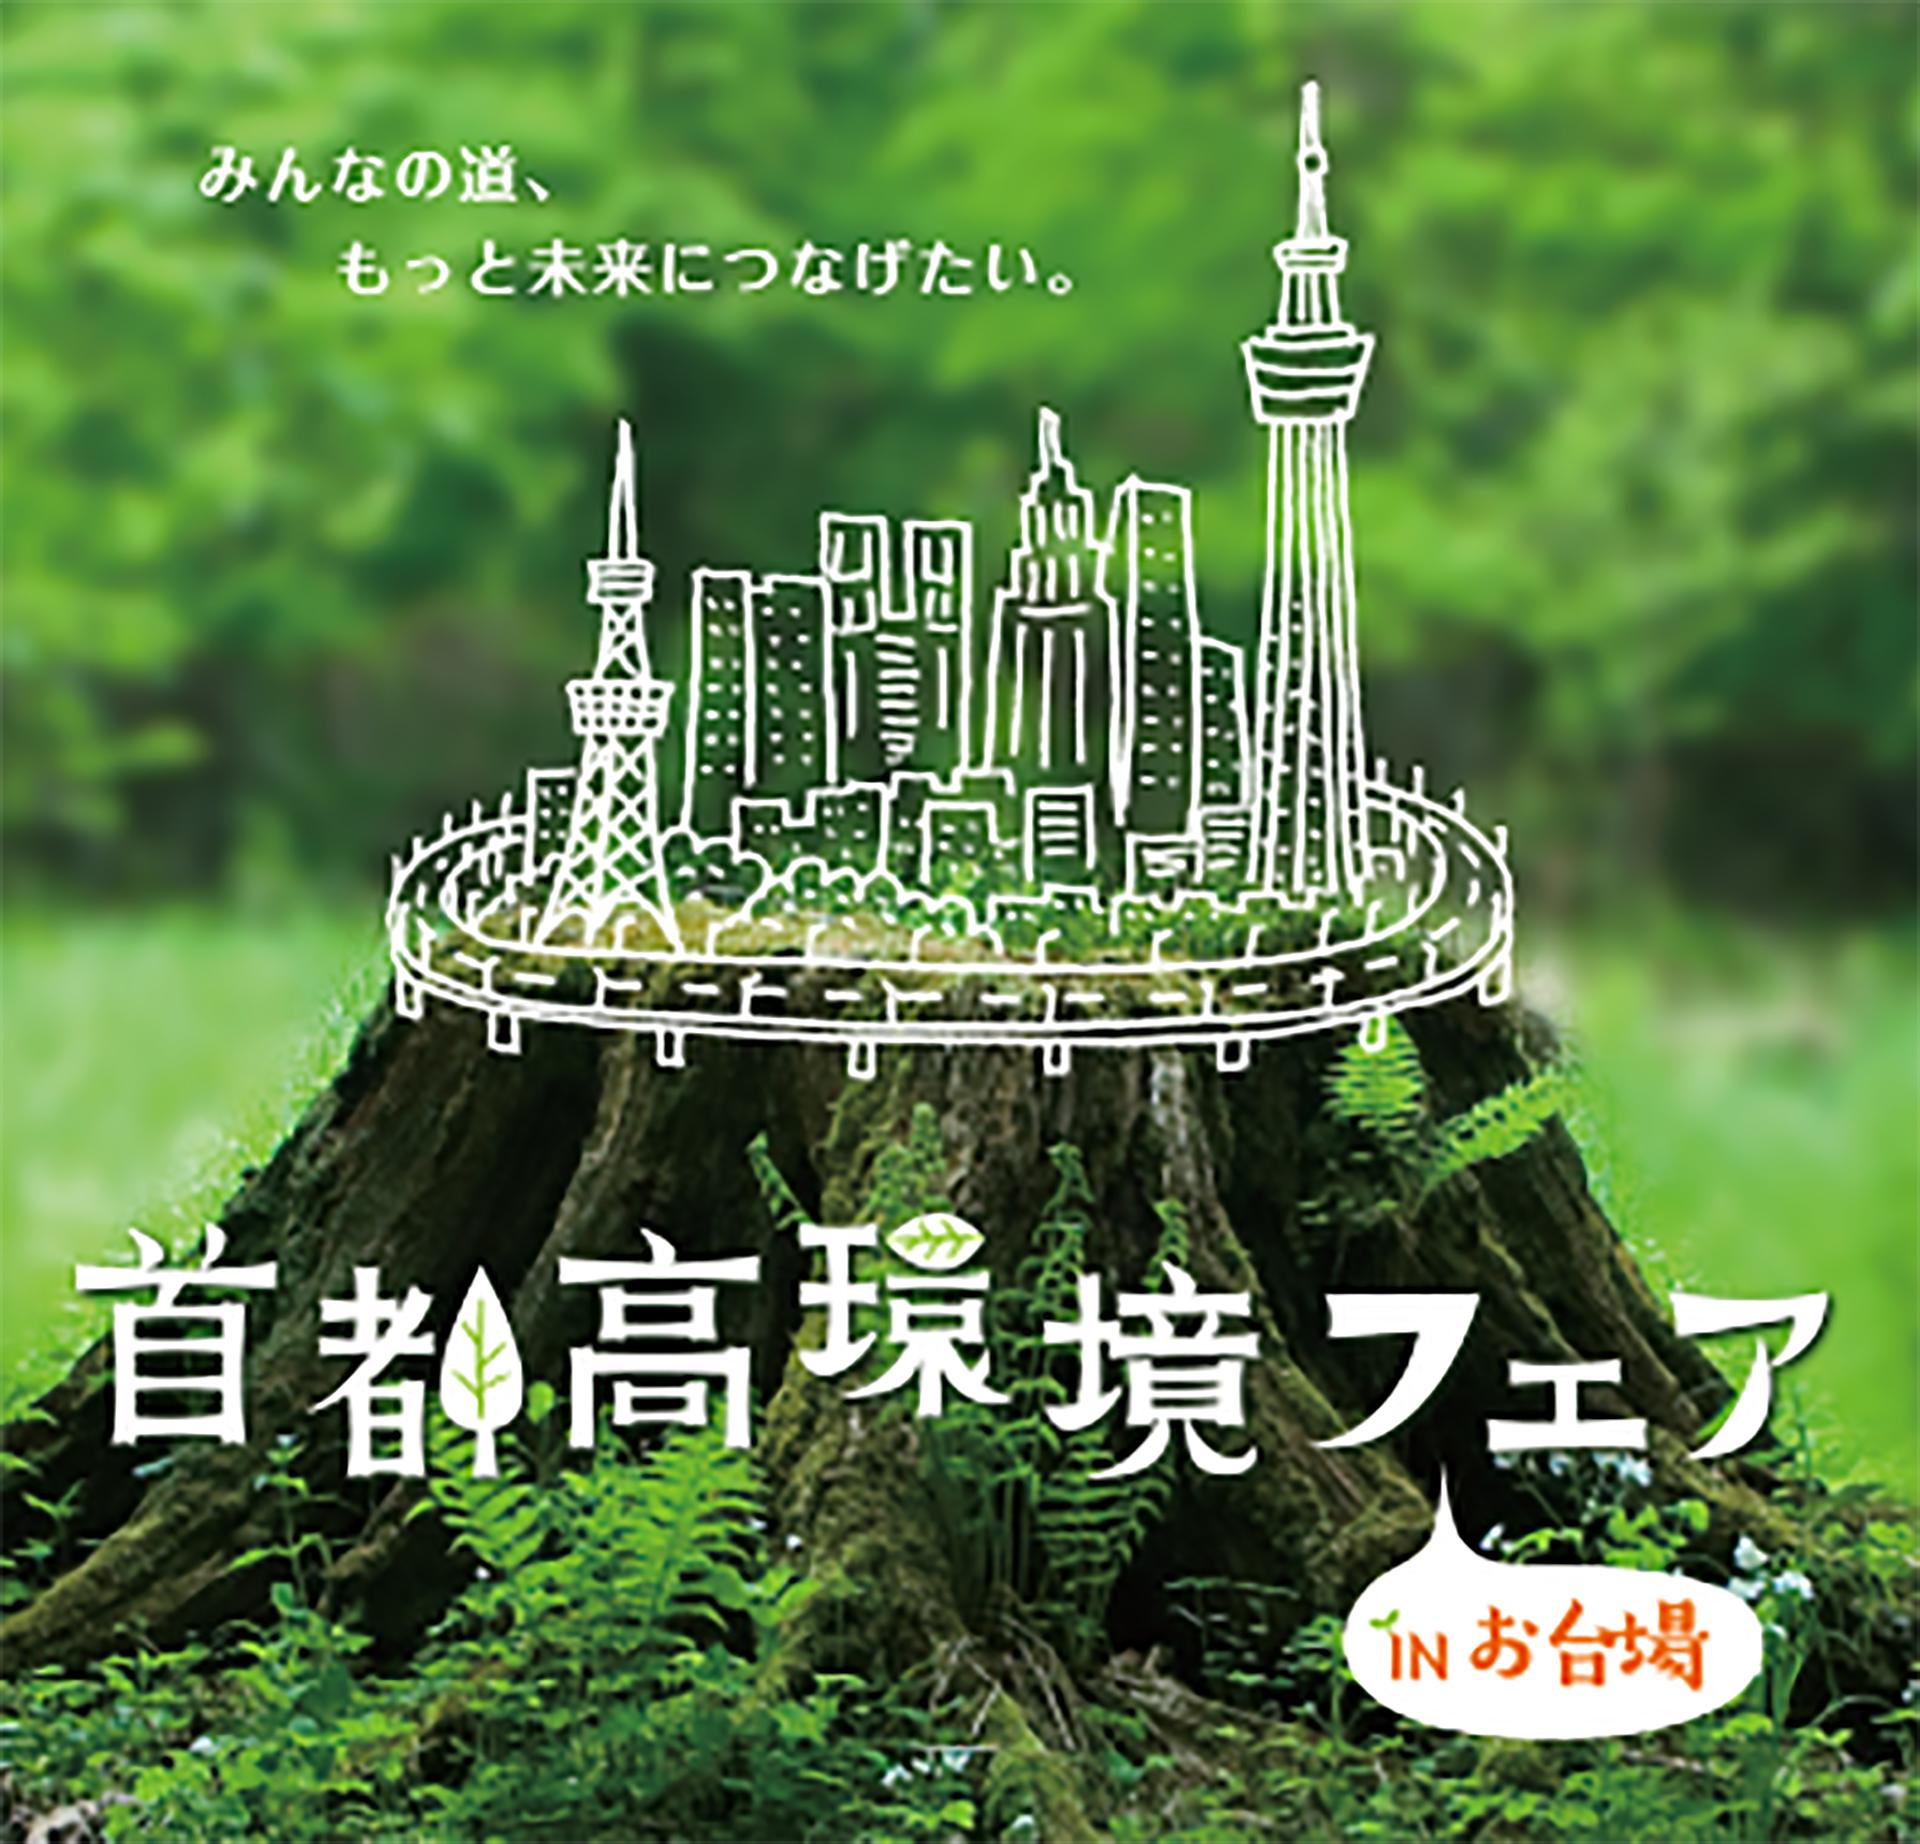 首都高環境フェア